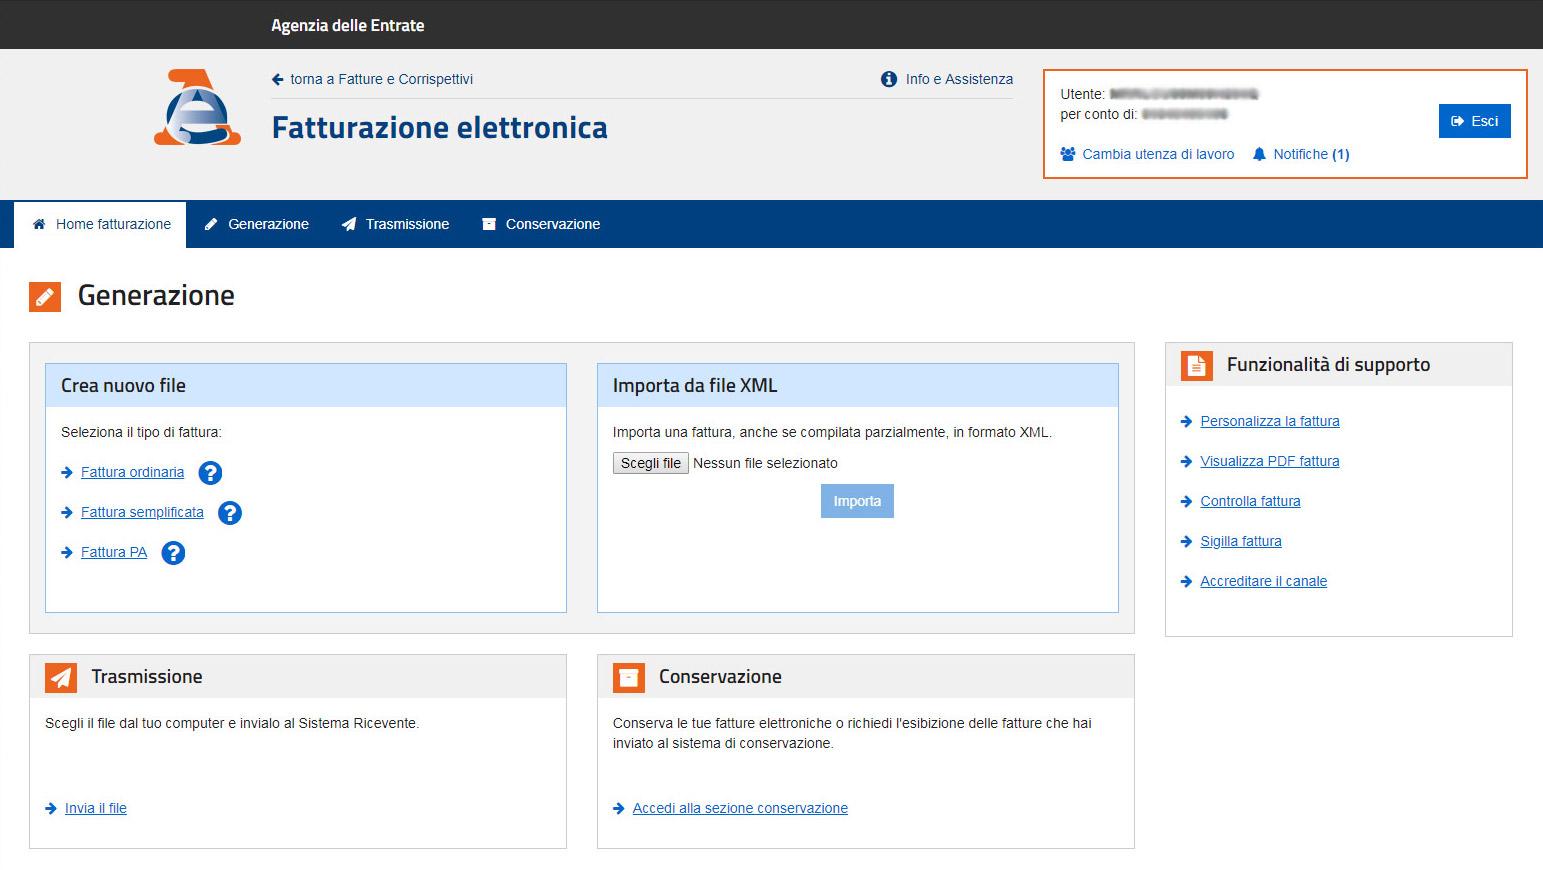 Agenzia Entrate - Conservazione fattura elettronica